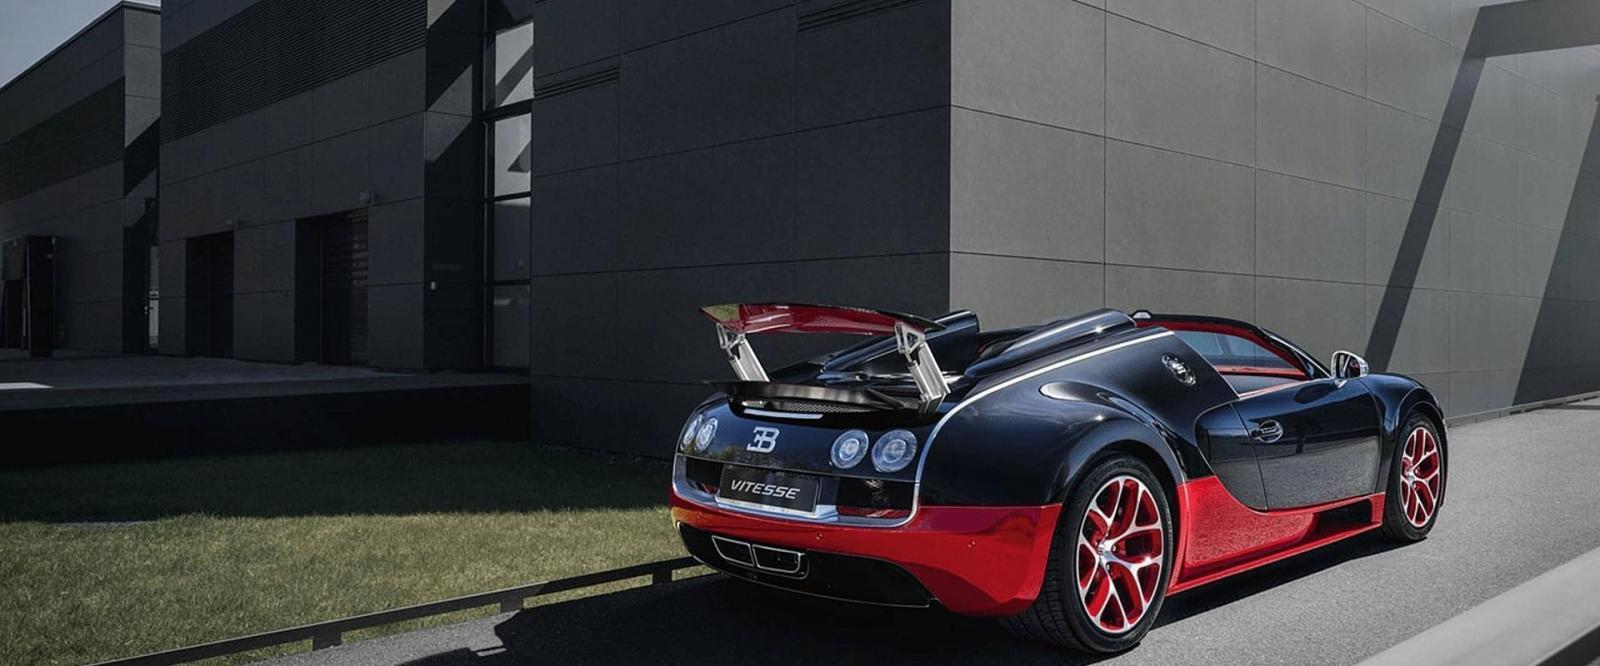 a-bugatti-veyron